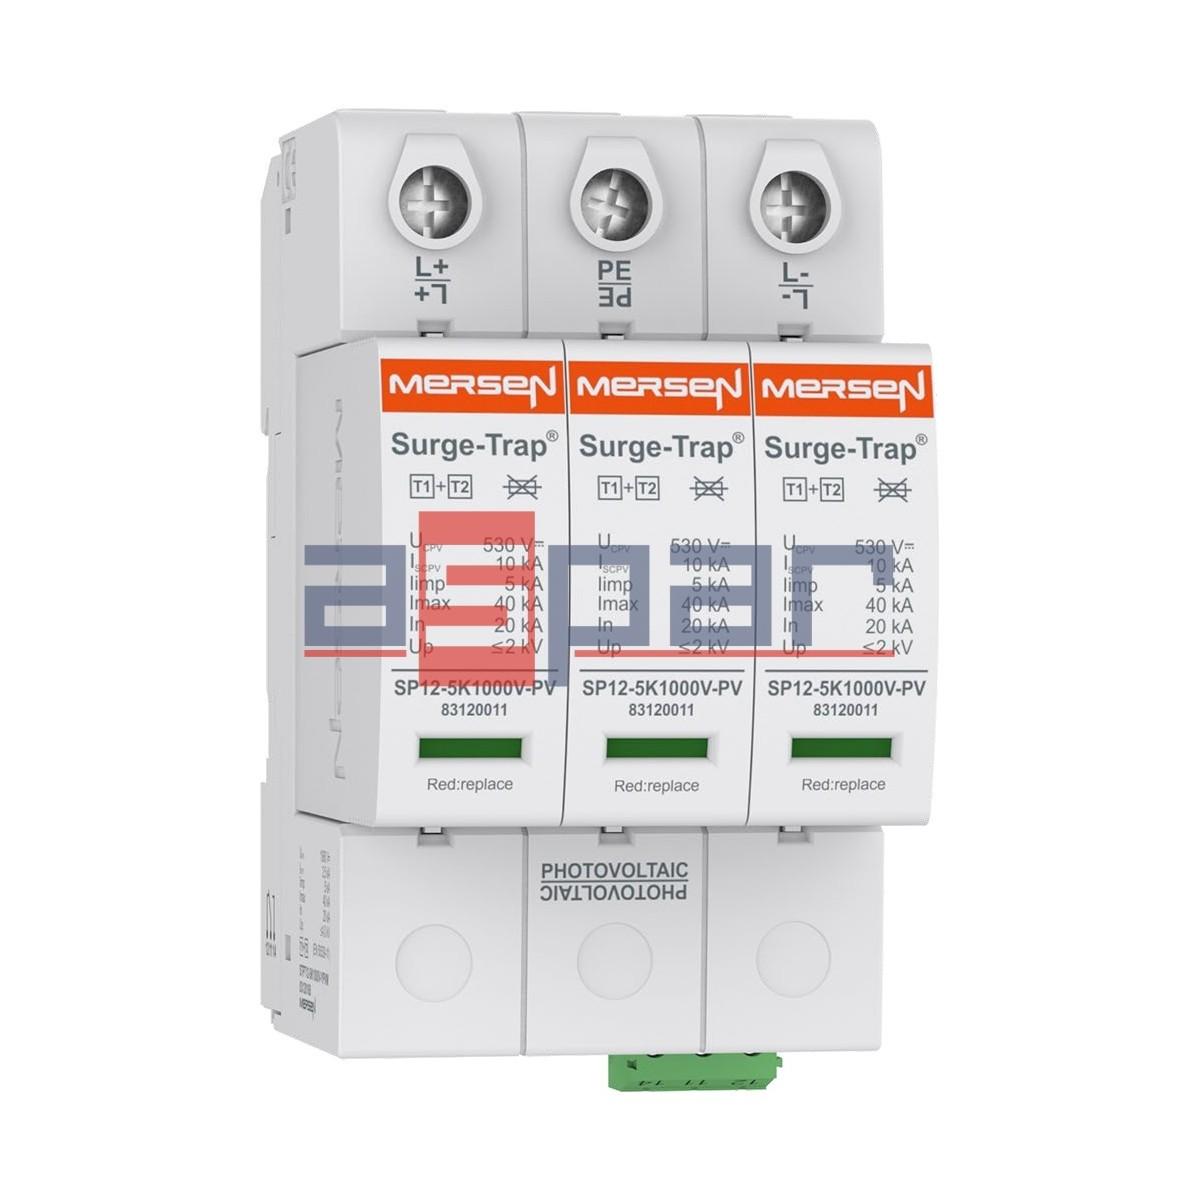 STPT12-5K1000V-YPV - Ogranicznik przepięć PV, typ 1+2 (B+C) 1060V DC,  3 -polowy